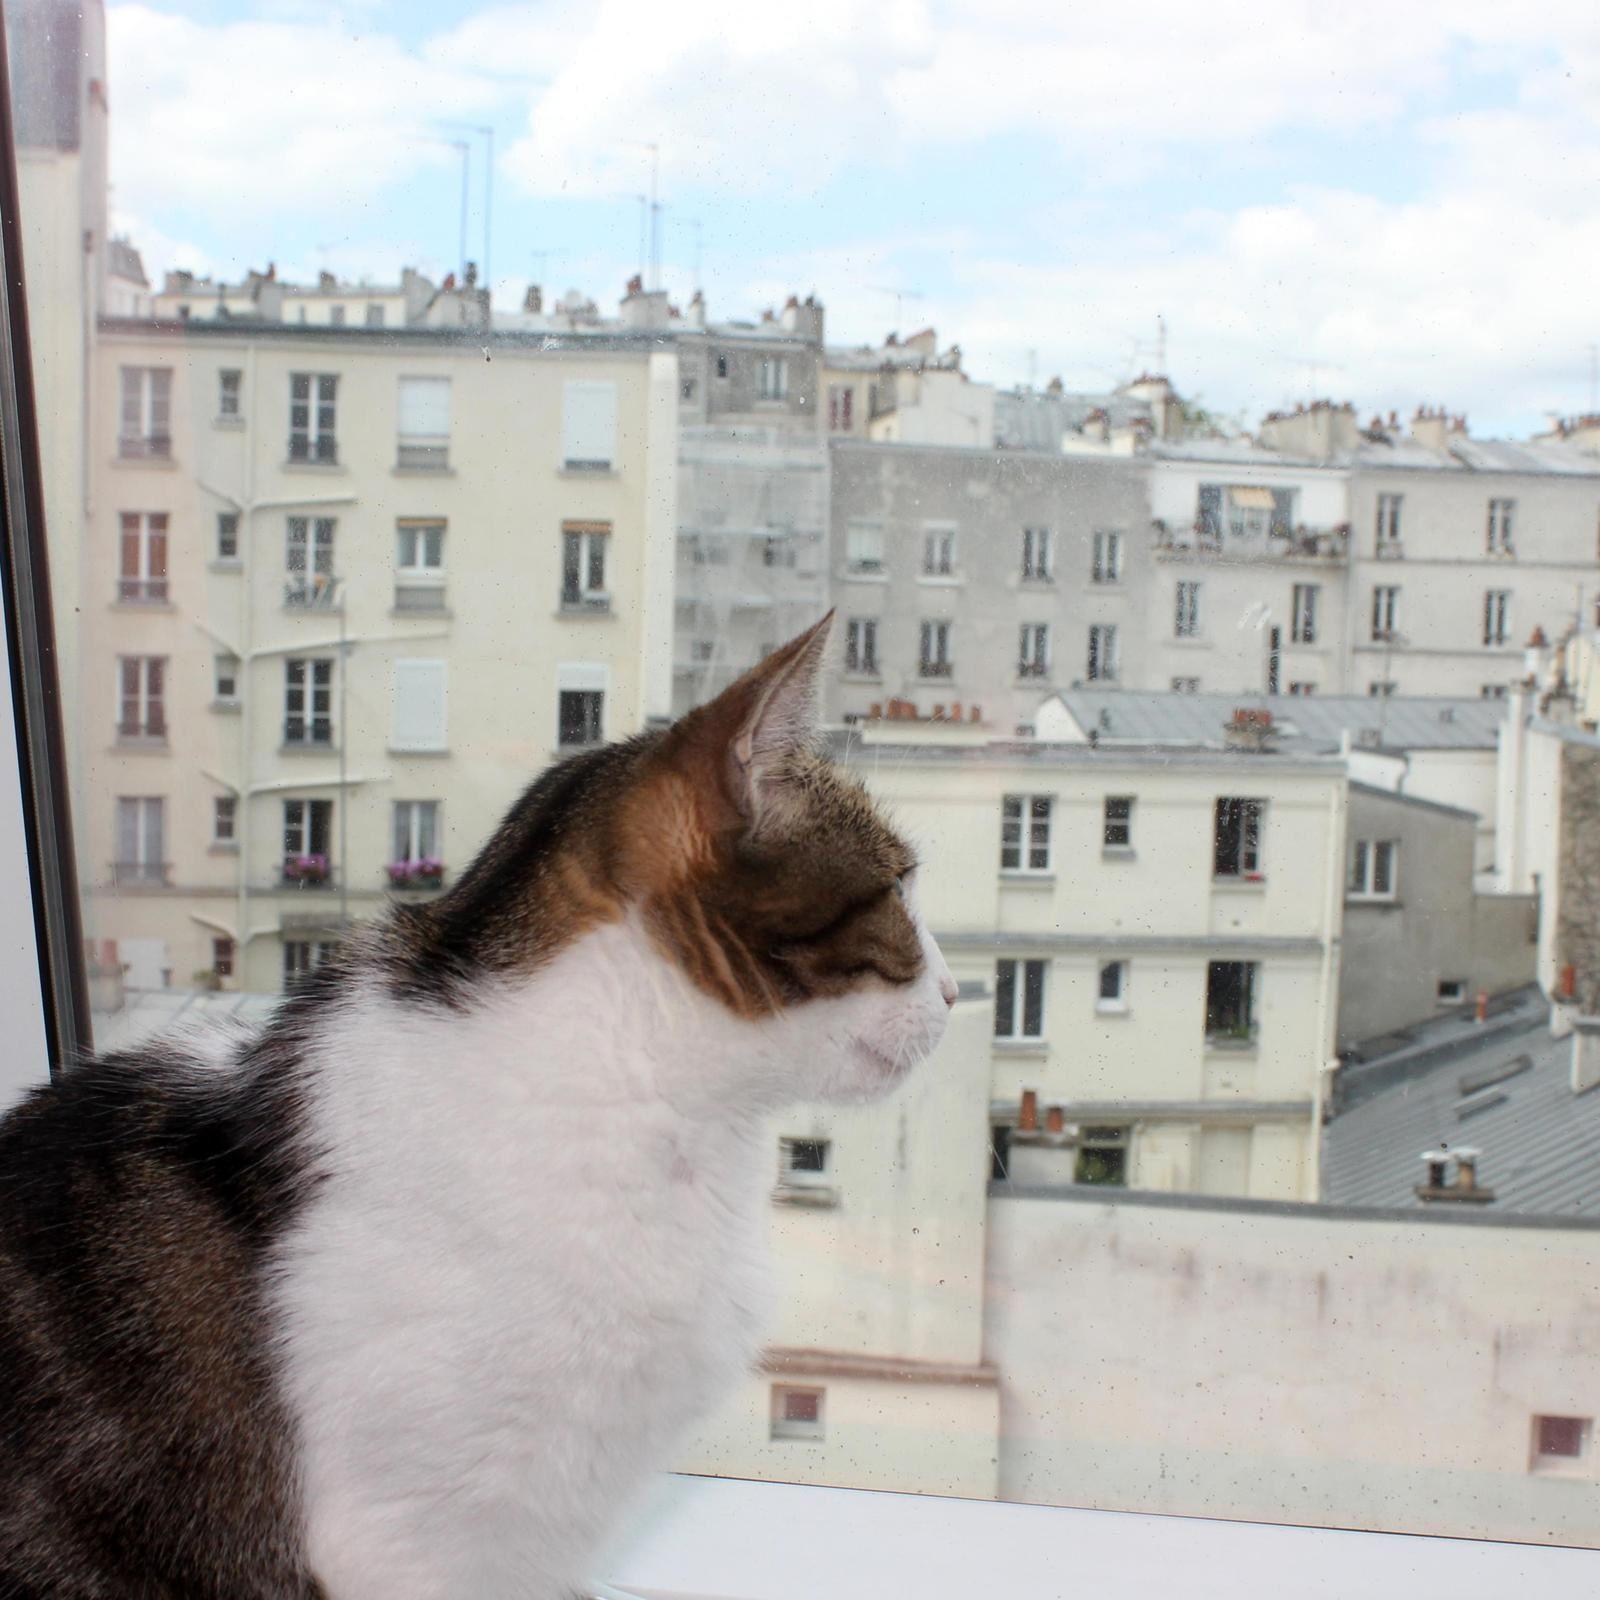 Les toits de Montmartre. Photos.